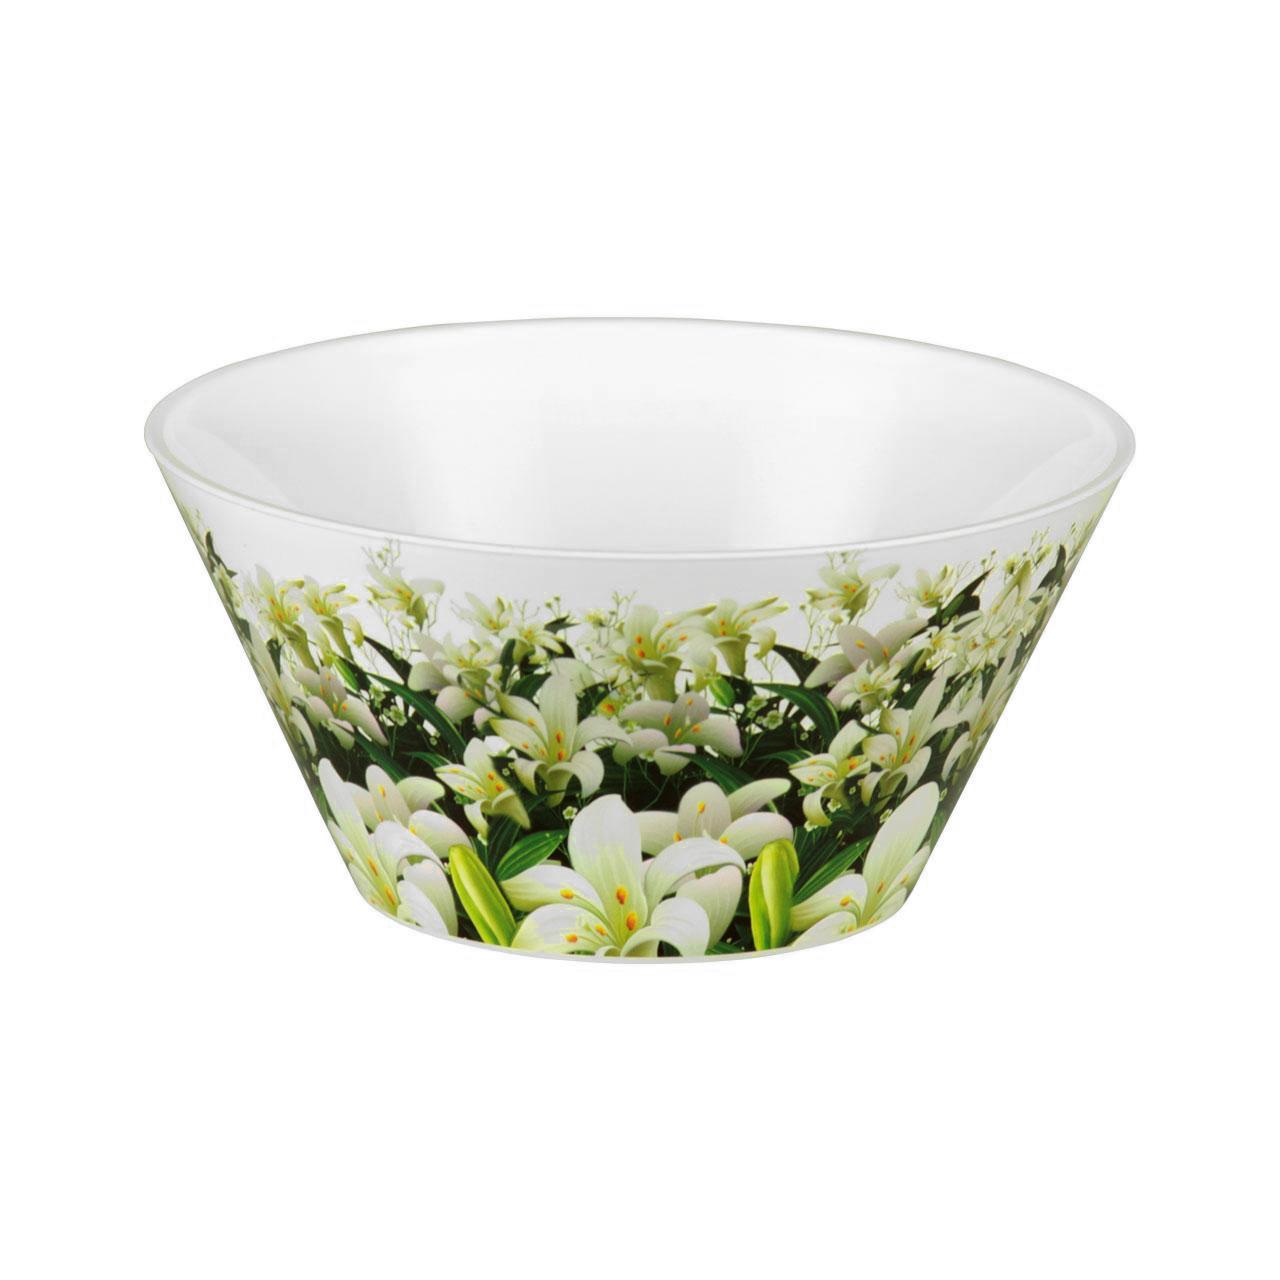 Чаша Шарлотта, 2 лМ2165Чаша Шарлотта изготовлена из высококачественного пластика и подходит для повседневного использования. Чаша декорирована изображением лилий. Чаша отлично подойдет для овсяных хлопьев, фруктов, риса или овощей. Также в ней можно приготовить салаты. Приятный дизайн чаши подойдет практически для любого случая. Диаметр чаши: 21 см. Высота чаши: 11,5 см. Объем: 2 л.